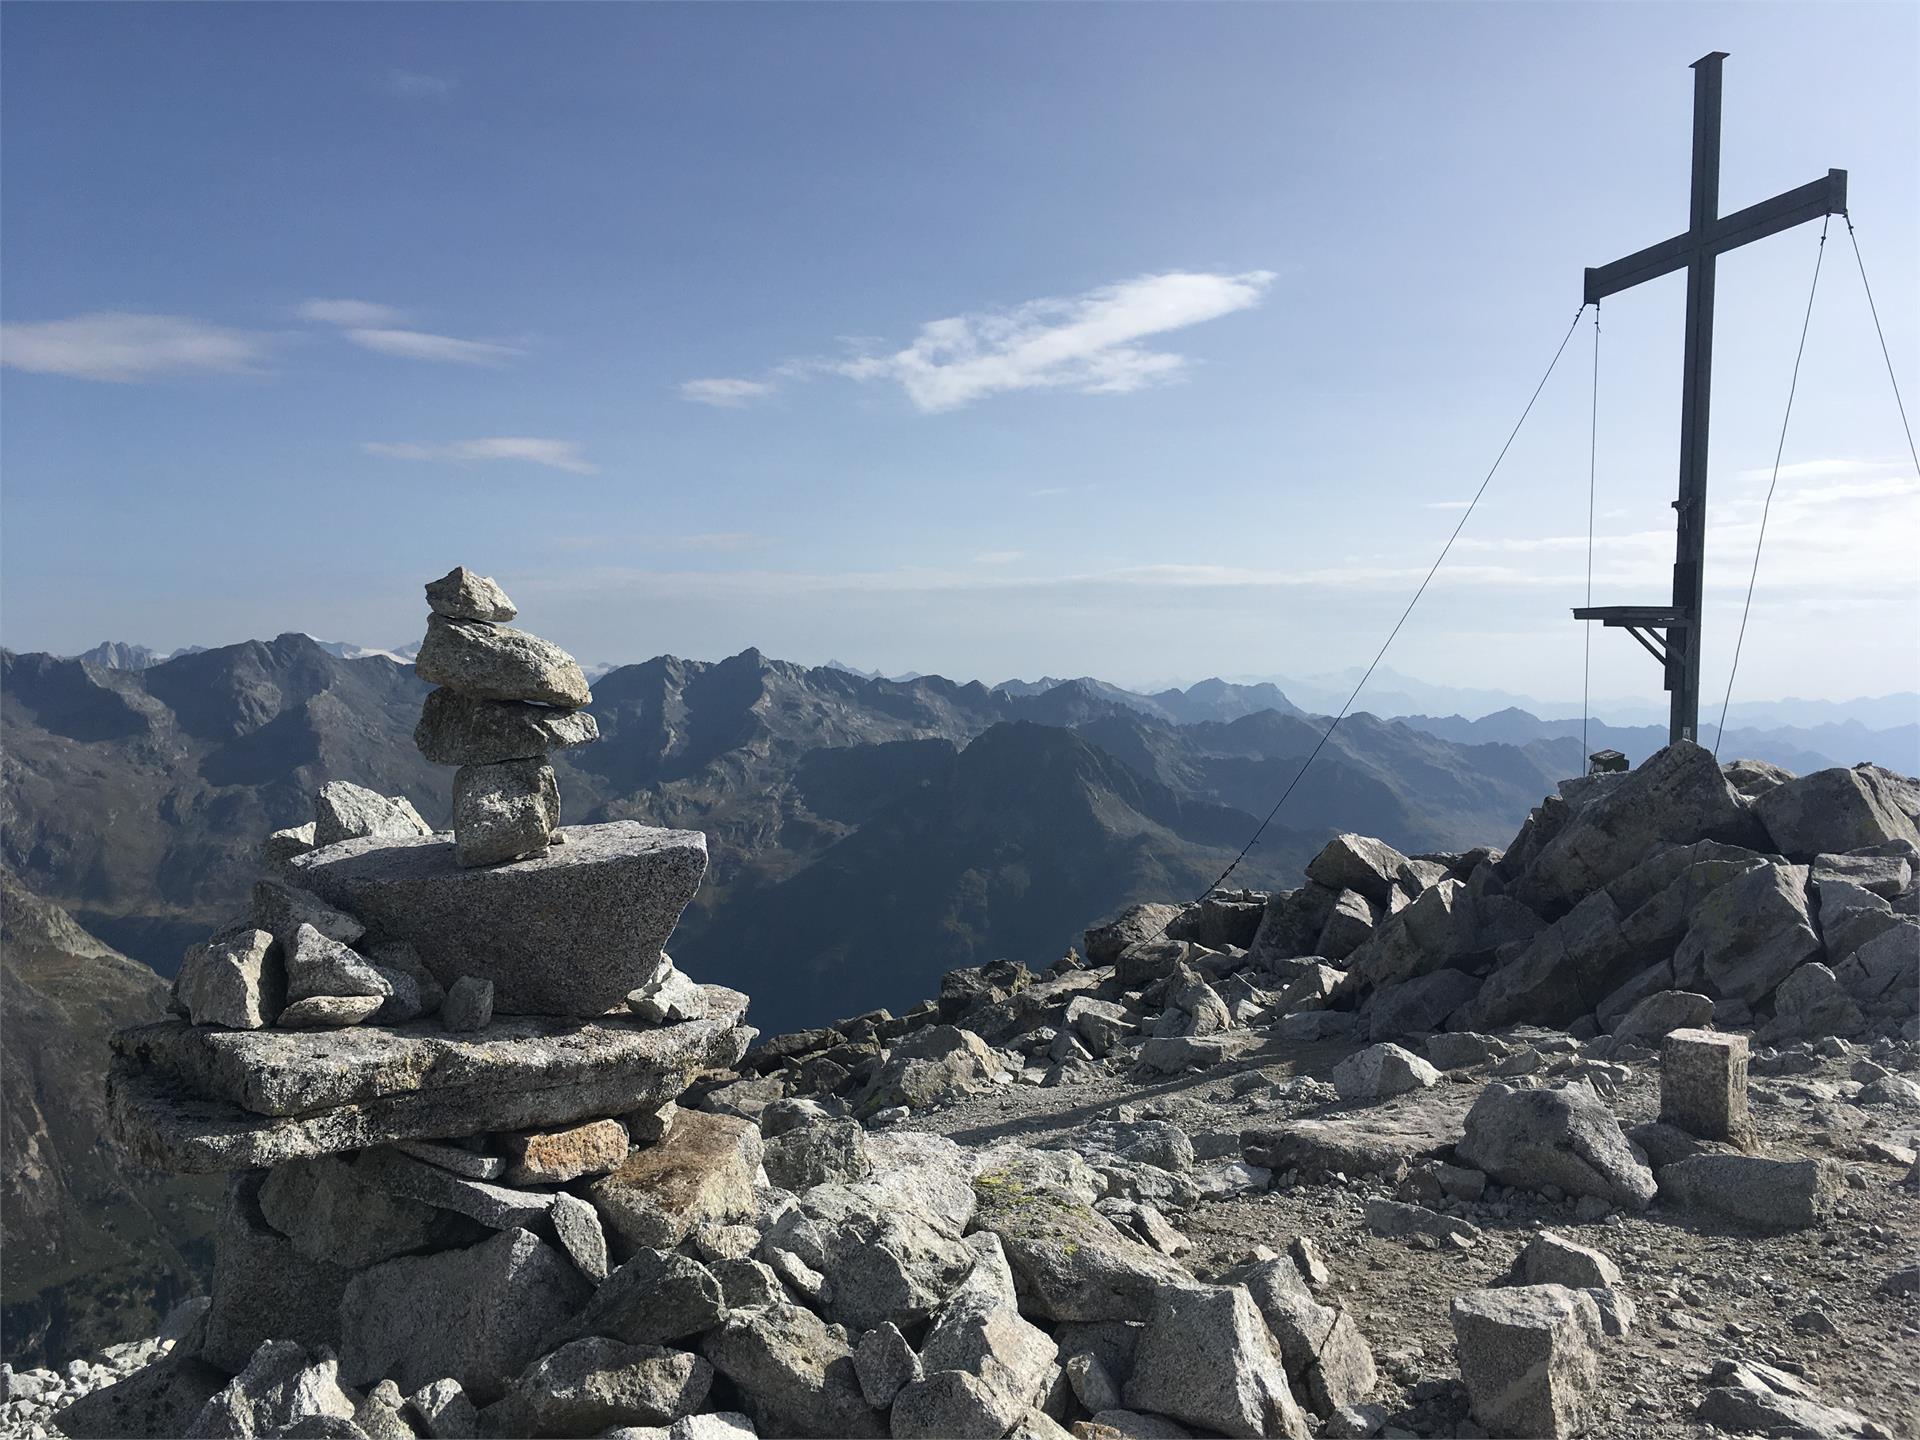 Escursione: Monte Almerhorn 2.986m - Rifugio Barmer 2.610m - Lago di Anterselva